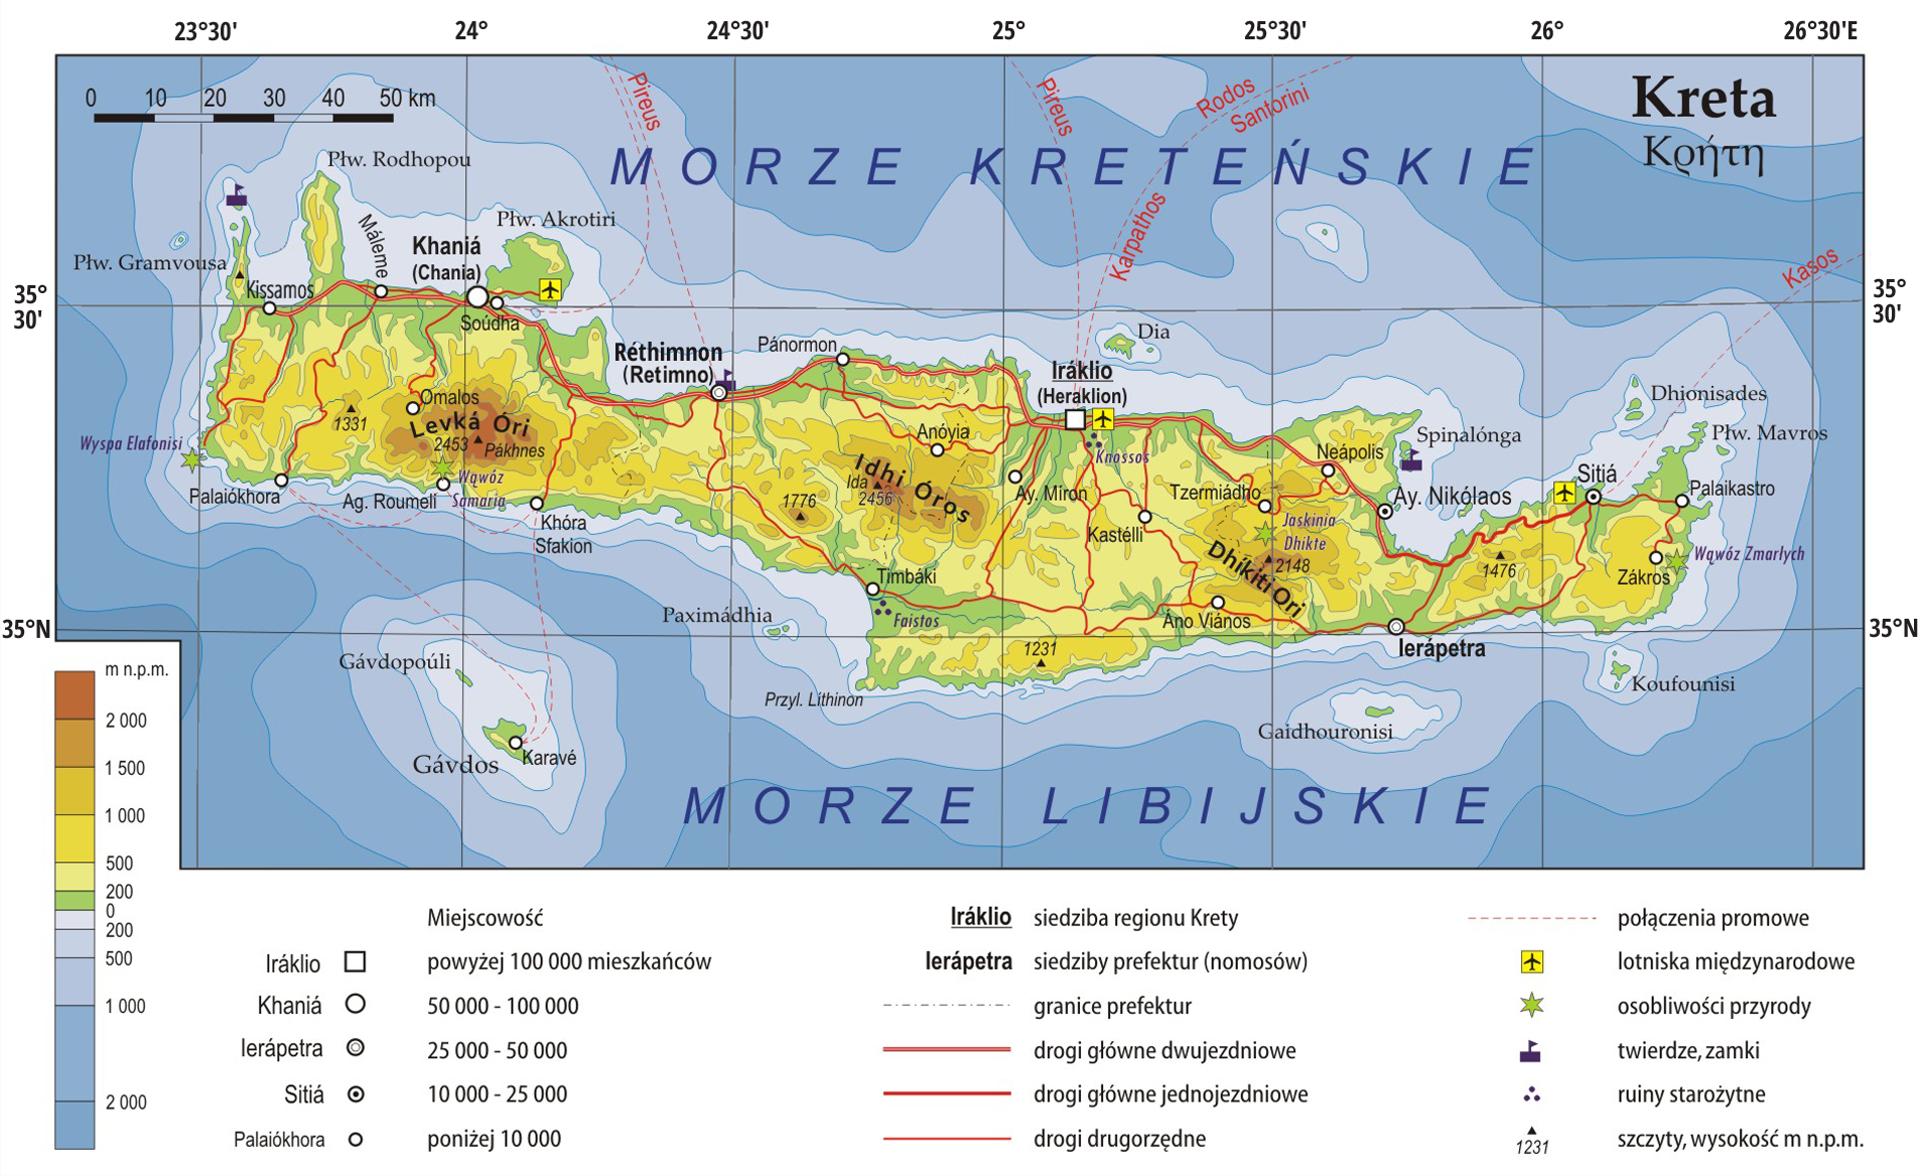 Ilustracja przedstawia mapę wyspy Kreta. Wyspa znajduje się wśrodkowej części mapy. Kreta rozciąga się wpoziomie od lewej do prawej krawędzi mapy. Kształt wyspy to wydłużony poziomo pas oszerokości około dwa centymetry idługości około dziesięć centymetrów. Poniżej mapy legenda. Wzdłuż mapy, na białej ramce, naniesione są współrzędne geograficzne. Mapa pokryta jest równoleżnikami ipołudnikami. Równoleżniki ipołudniki ułożone są prostopadle do siebie. Powierzchnię wyspy pokrywają głównie kolory żółty, pomarańczowy izielony. Kolor pomarańczowy to najwyższe wzniesienia na wyspie. Wokół wyspy kolor niebieski. Poniżej wyspy, wkierunku południa, znajduje się Morze Libijskie. Powyżej wyspy, wkierunku północnym, znajduje się Morze Kreteńskie. Legenda poniżej mapy zawiera informacje dotyczące miejscowości, liczby mieszkańców, sposobu transportu oraz inne symbole. Lewa strona legendy to prostokątny pionowy pasek. Pasek podzielony na kilka kolorów. Udołu niebieski, środek zielony, powyżej żółty ina górze pomarańczowy. Kolory zielone, żółte iczerwone wskazują wzniesienie wmetrach nad poziomem morza. Kolory niebieskie pokazują głębokości morza. Na prawo geometryczne symbole wskazują miasta iliczbę mieszkańców. Kwadrat to Irakilo zliczbą mieszkańców ponad sto tysięcy. Poniżej mniejsze kułeczka zmniejszą liczbą mieszkańców. Na prawo trzy rodzaje poziomych czerwonych linii. To drogi główne dwujezdniowe, jednojezdniowe, oraz drugorzędne. Trzecia kolumna na prawo pozostałe symbole. Żółty kwadrat zczarnym samolotem wewnątrz to symbol lotniska. Zielona gwiazdka to osobliwości przyrody.